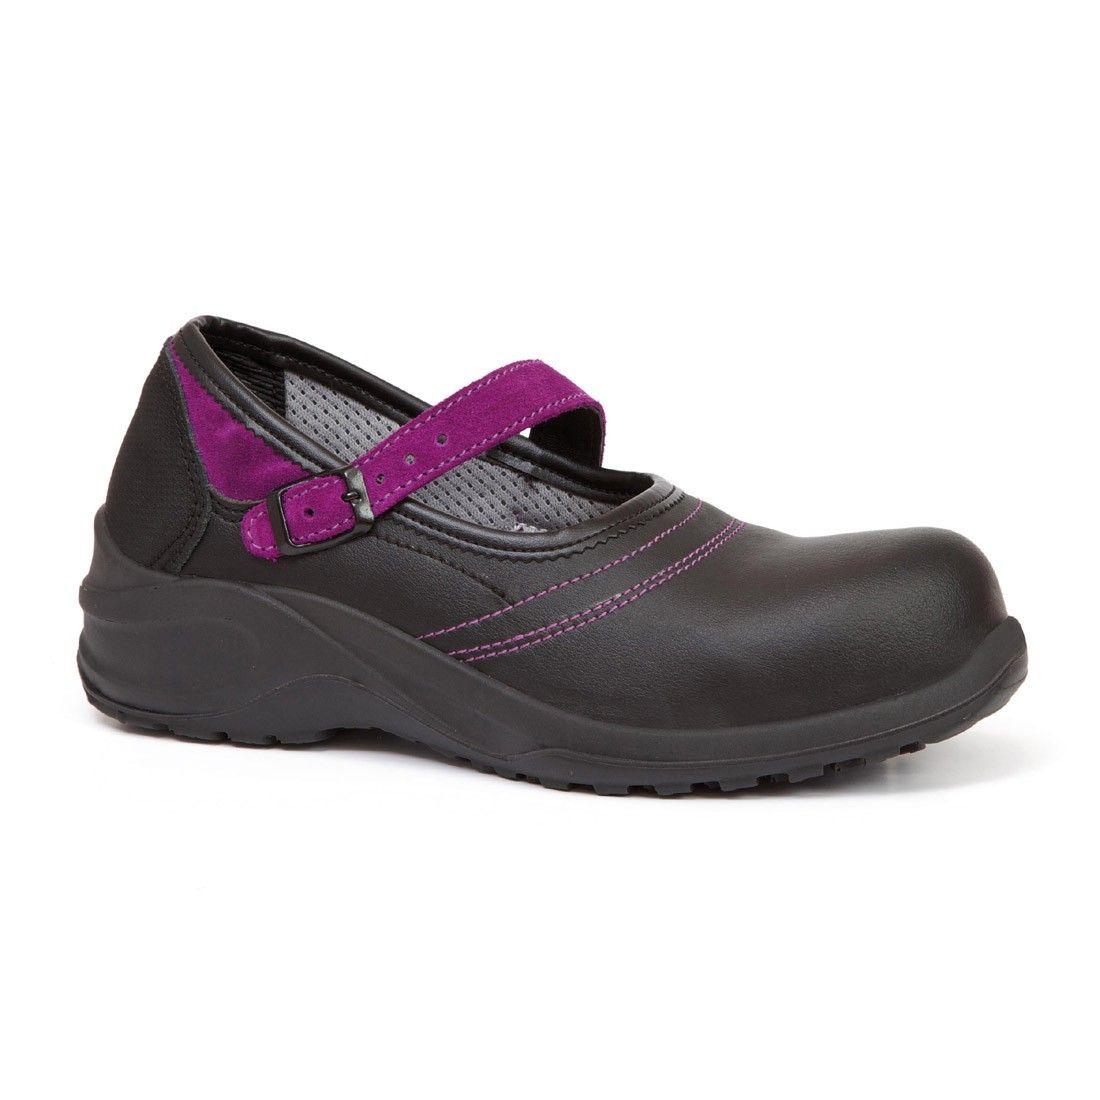 Giasco violet microwash esd black ladies ballerina safety